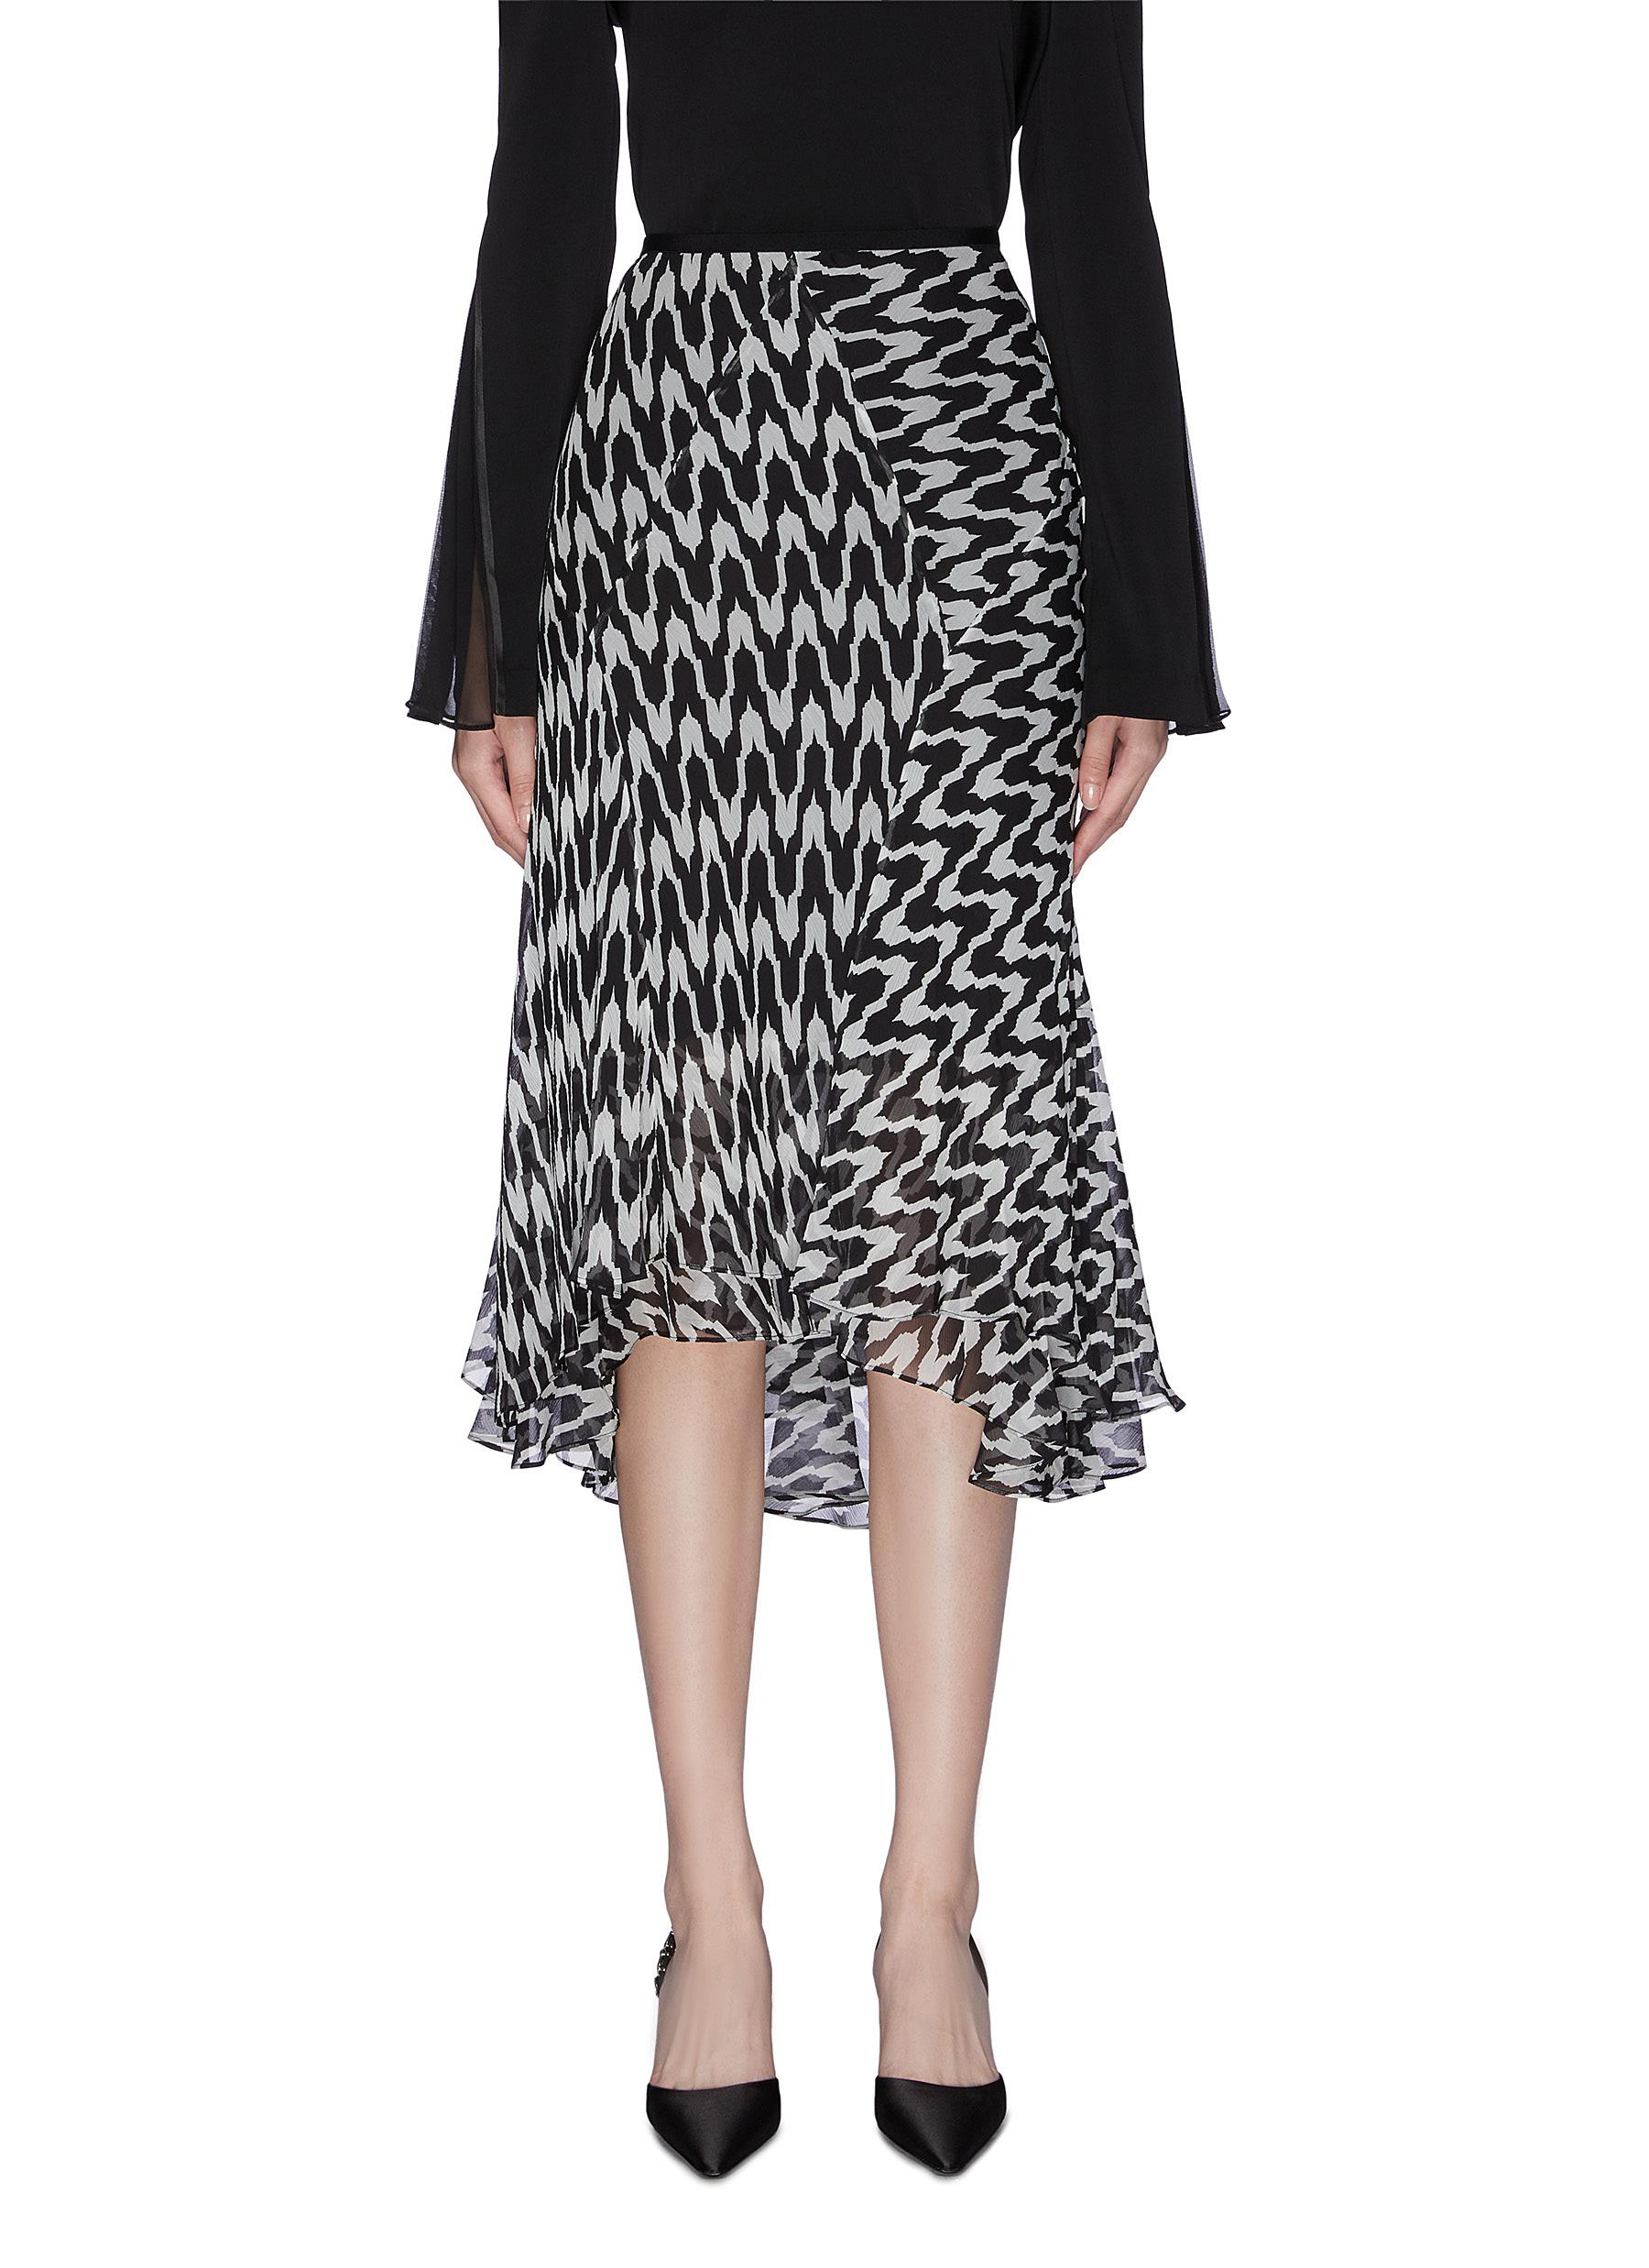 Abstract pattern print skirt by Diane Von Furstenberg